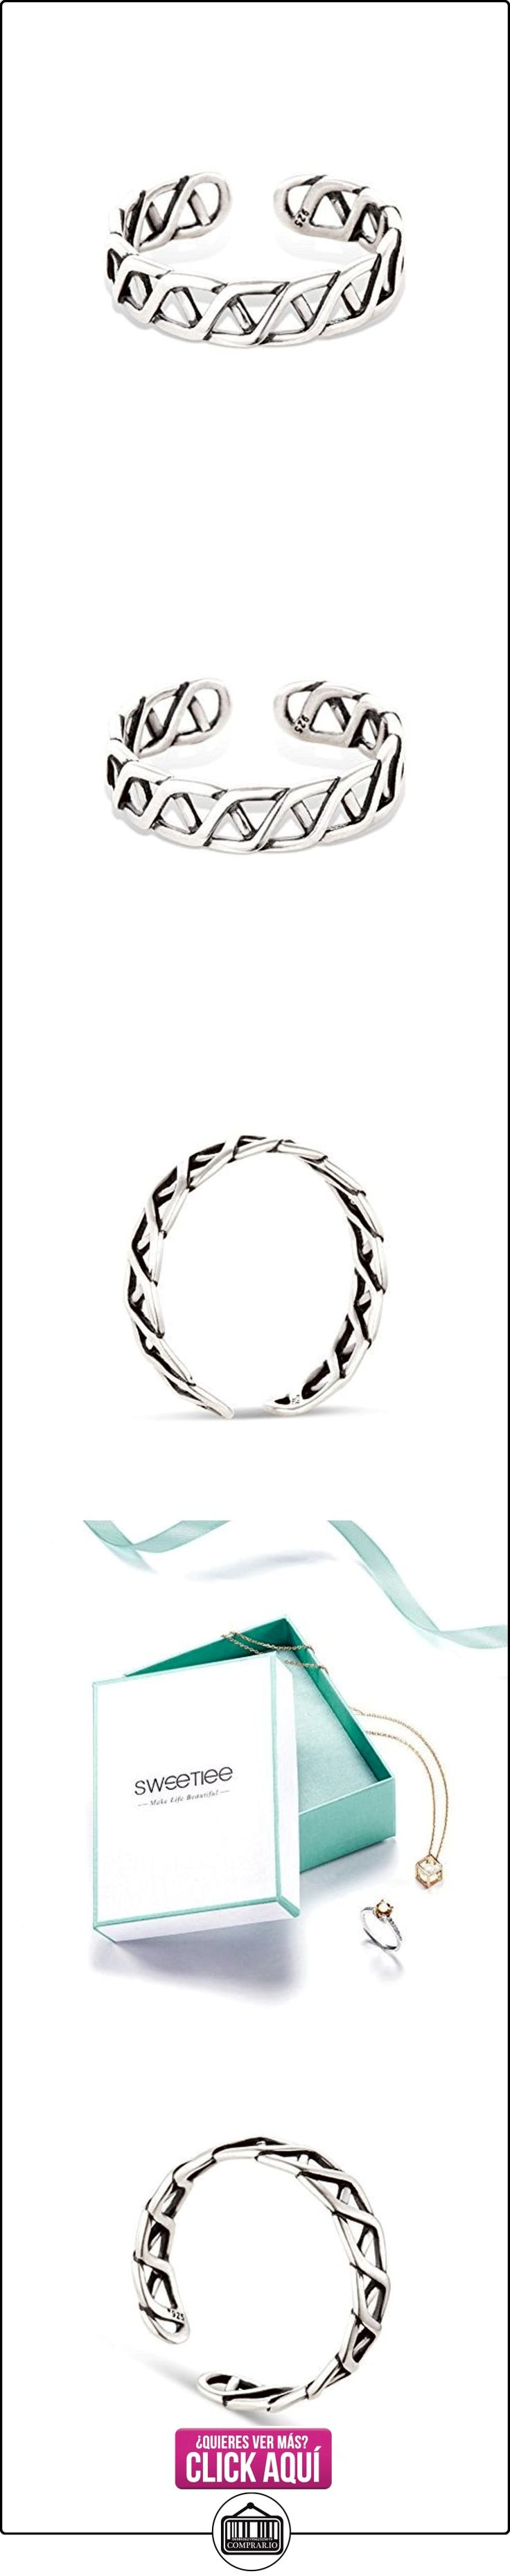 SWEETIEE Cuff anillo trenzado de 925 plata de esterlina con el diseno Vintage, plata,17mm  ✿ Joyas para mujer - Las mejores ofertas ✿ ▬► Ver oferta: https://comprar.io/goto/B014SLL0ZA